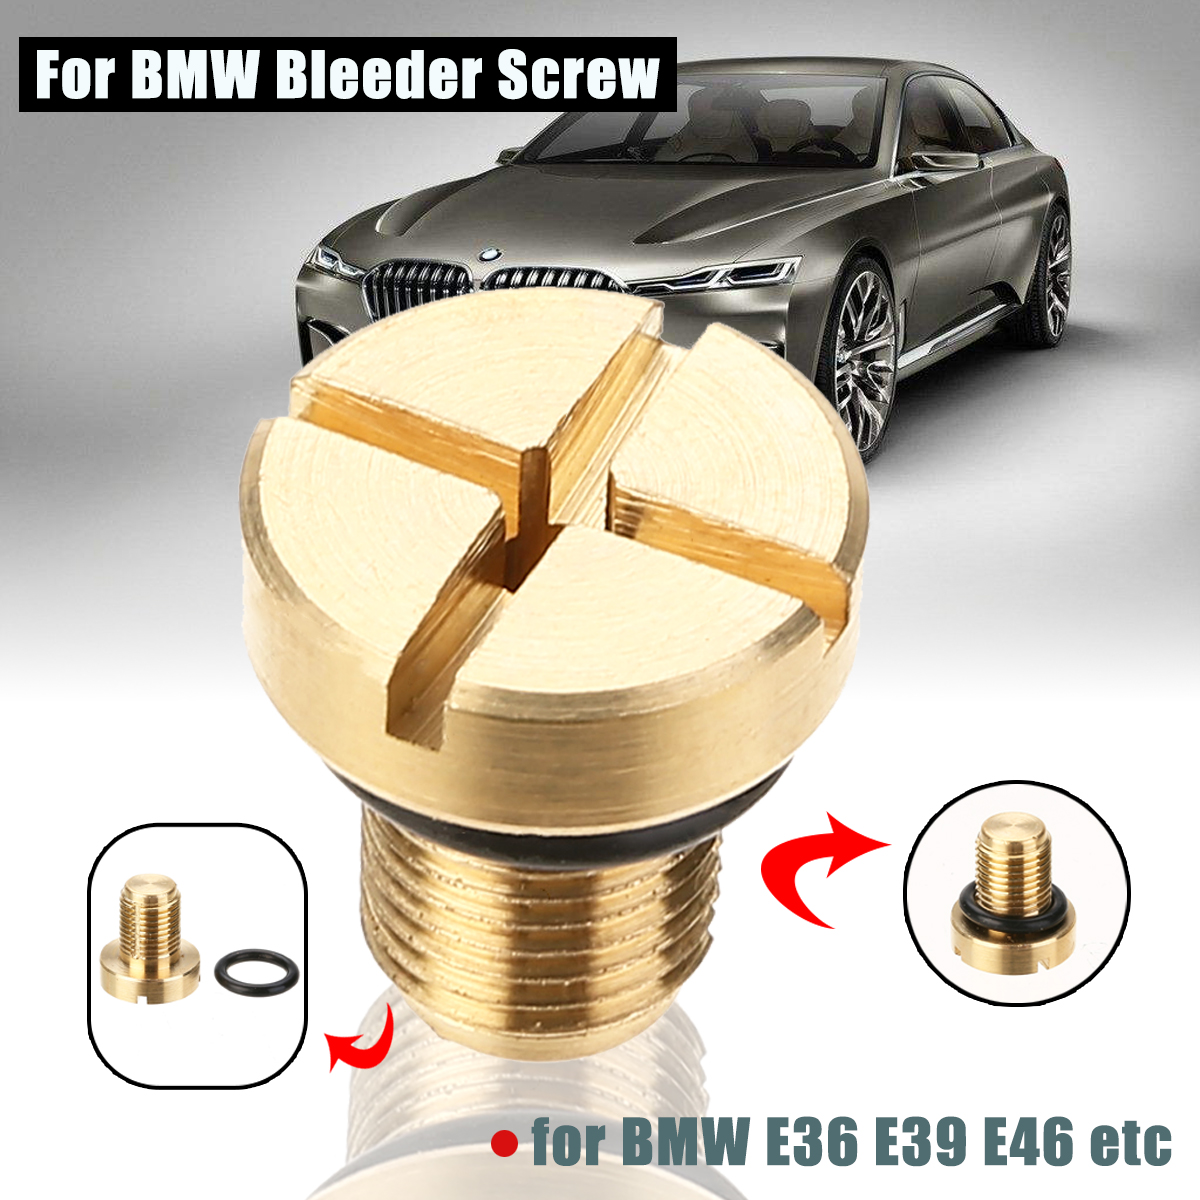 Image 2 - 1 шт расширительный бак для охлаждающей жидкости клапан прокачки из латуни для BMW E36 E39 E46 и т. д. автомобильный масляный радиатор трубы/резервуар для воды обратной трубы 17111712788